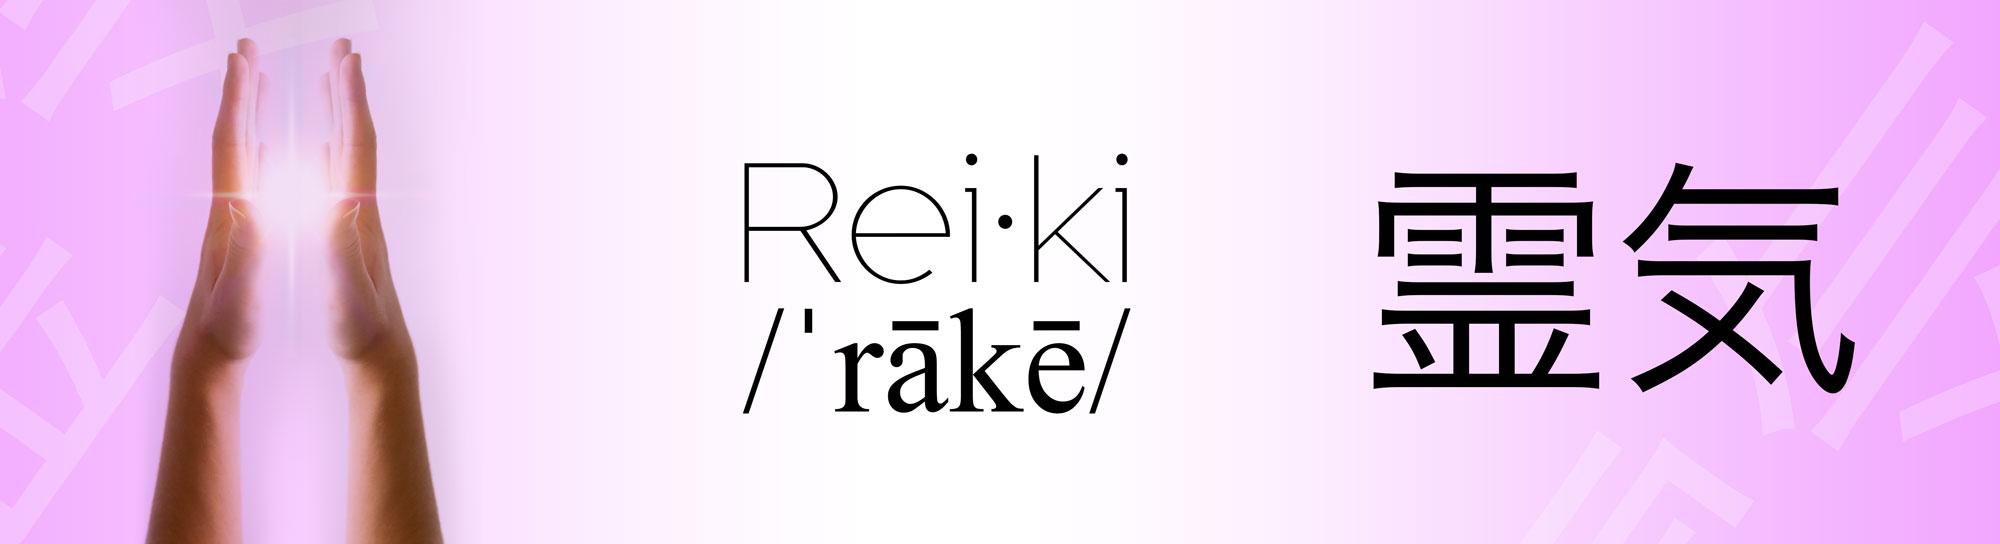 reiki-banner.jpg